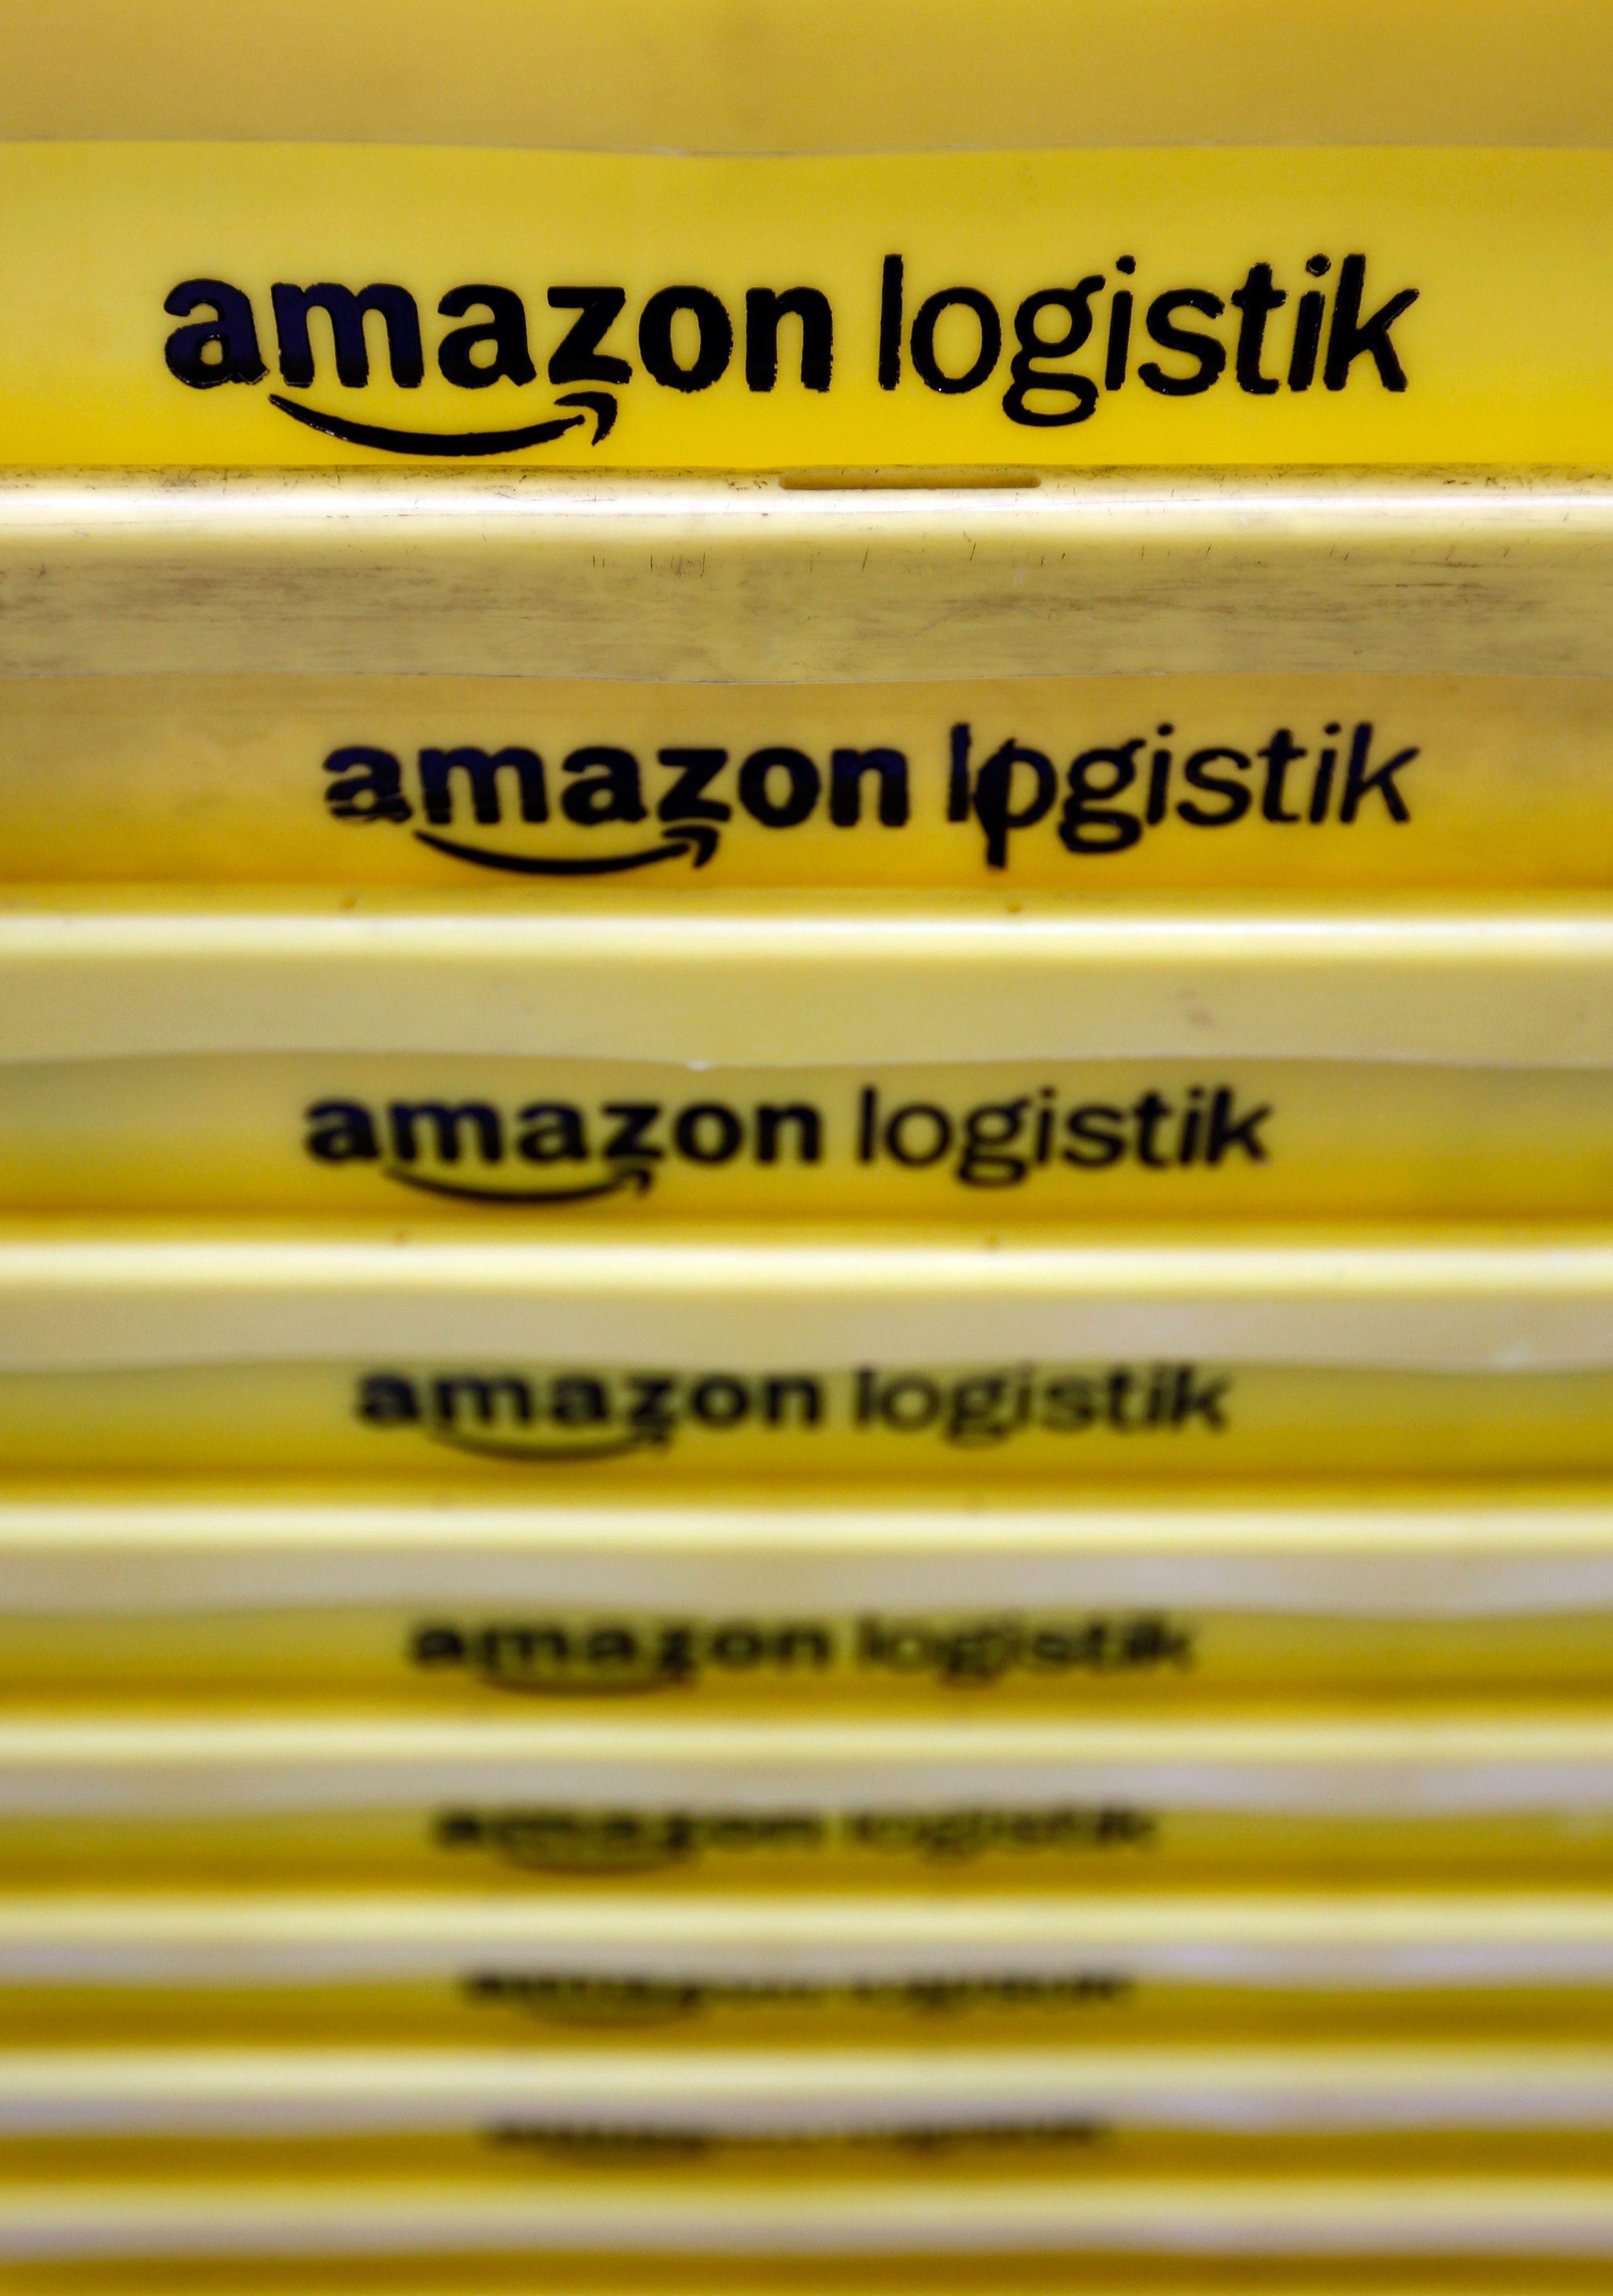 Le cours de l'action d'Amazon a baissé de 5 % le 30 janvier.